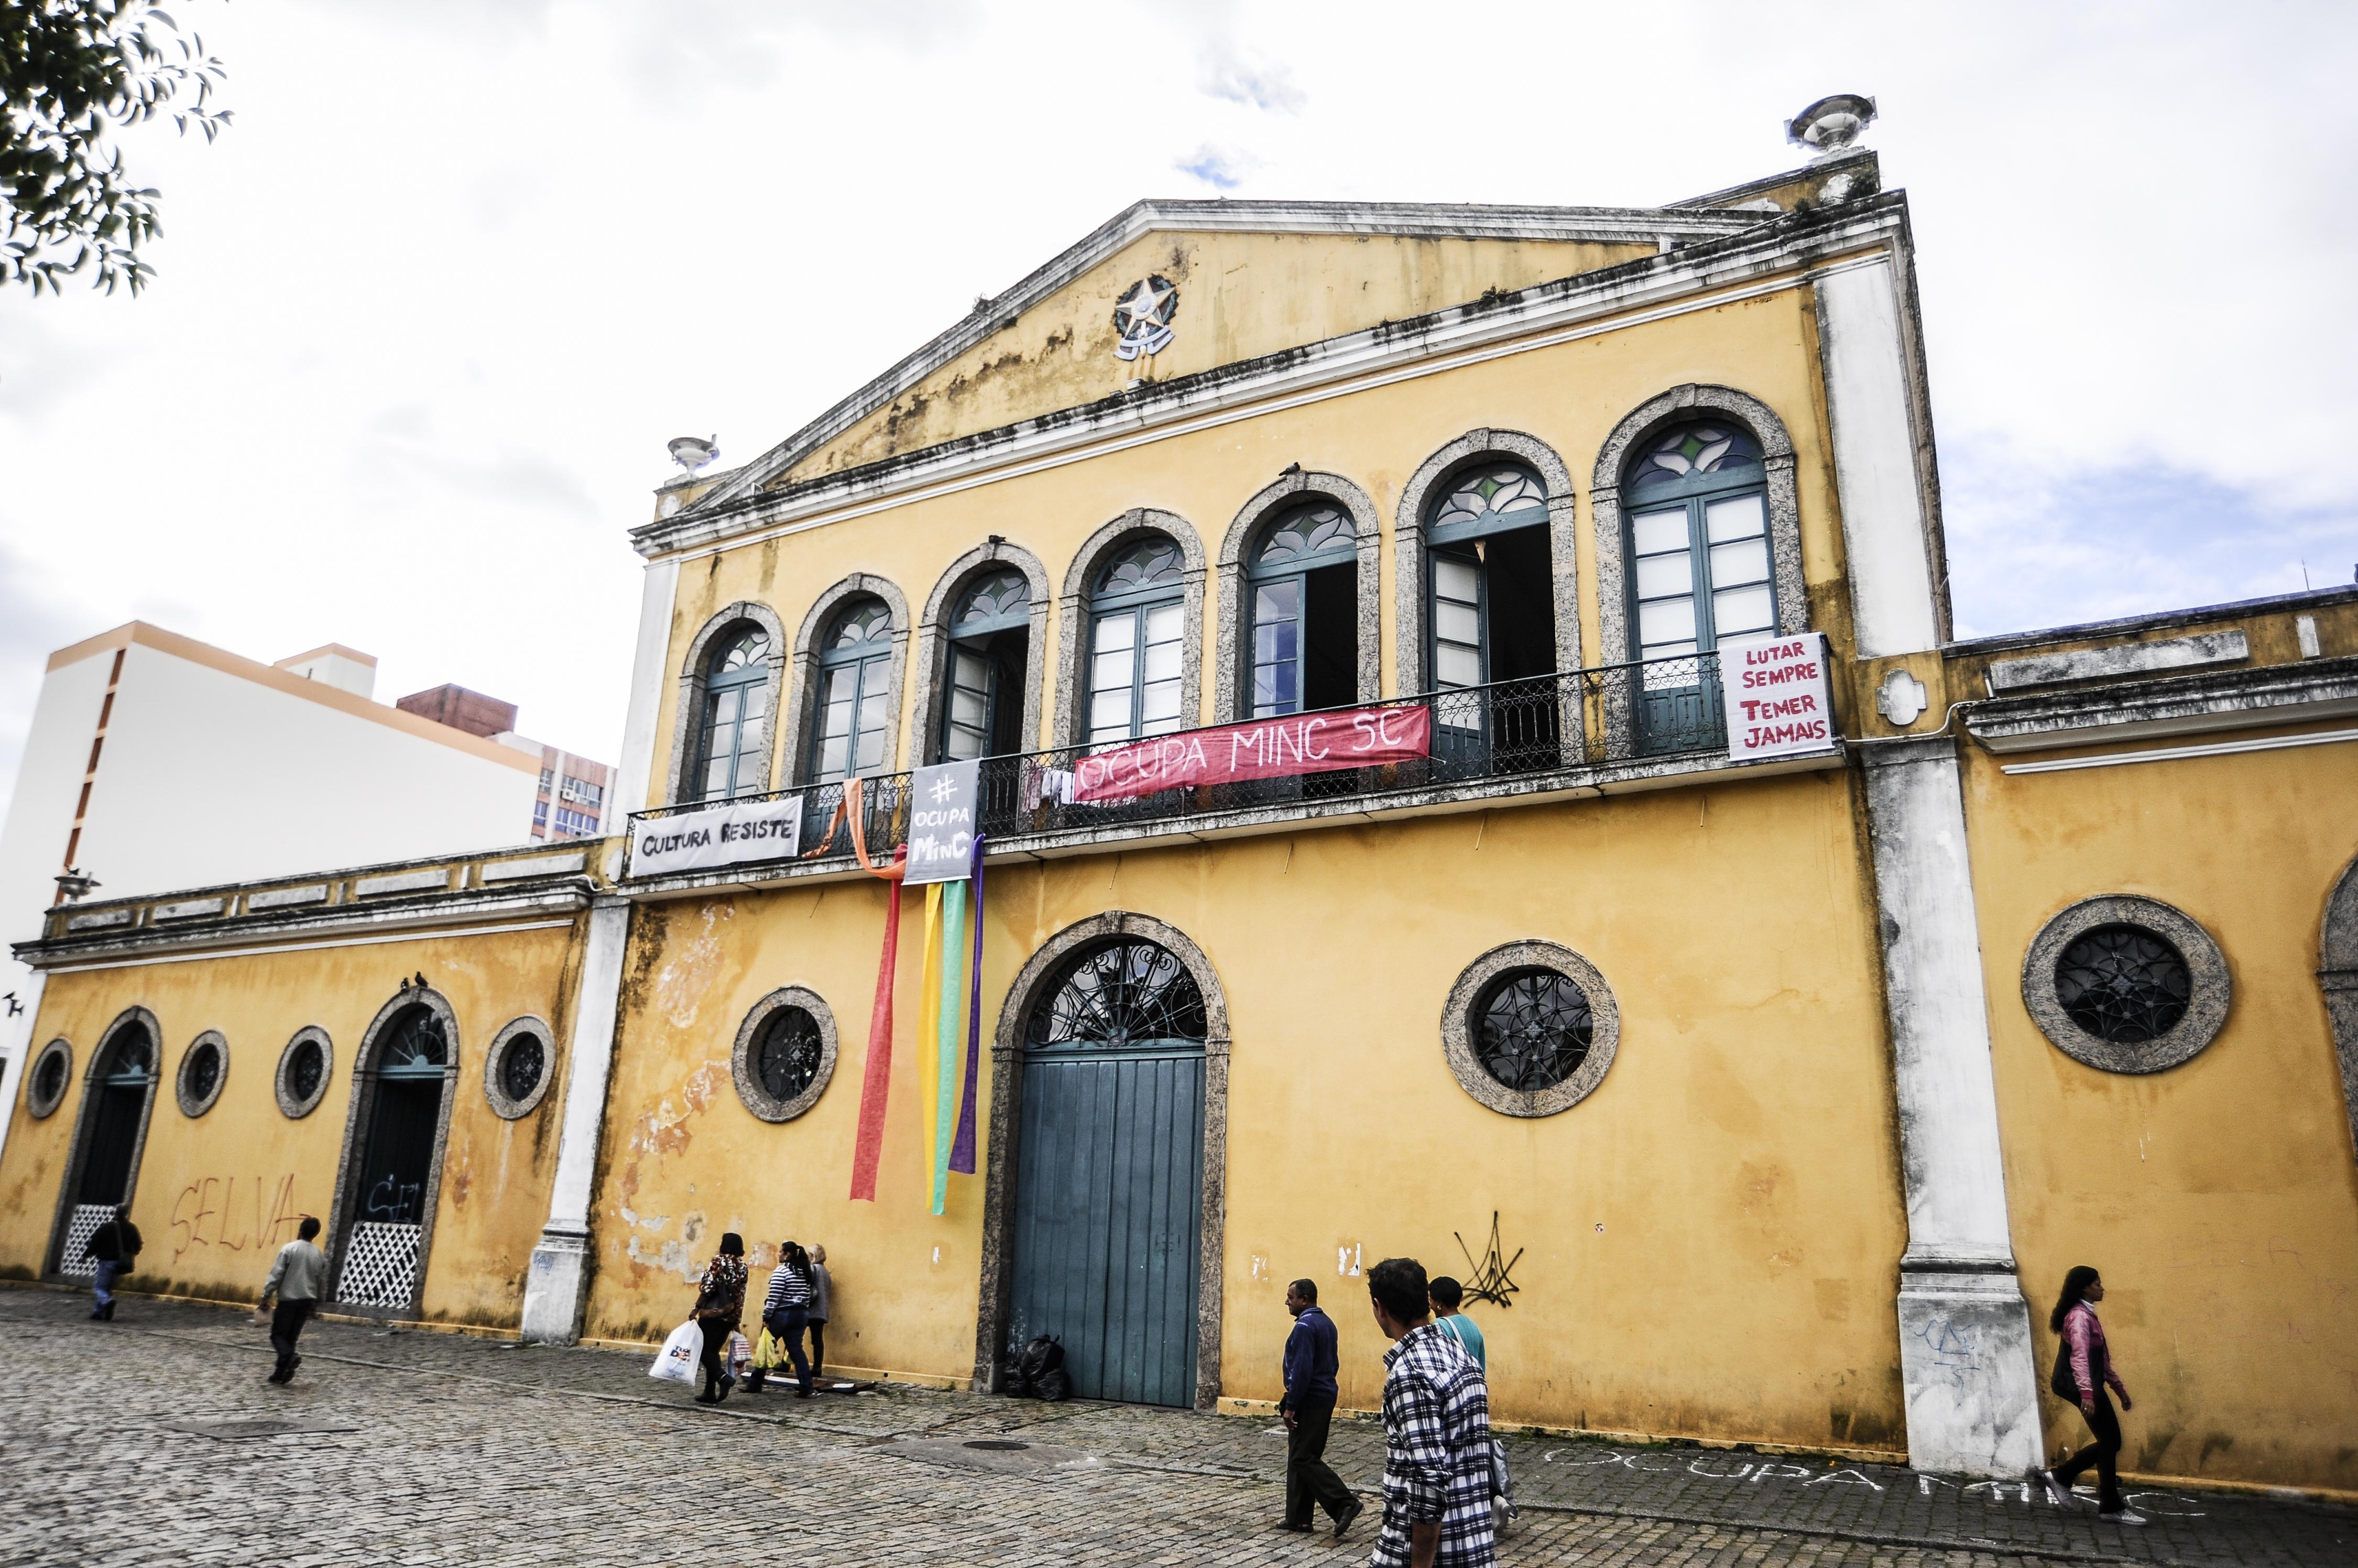 Movimento Ocupa MinC também foi forte em Florianópolis - Eduardo Valente/Arquivo/ND